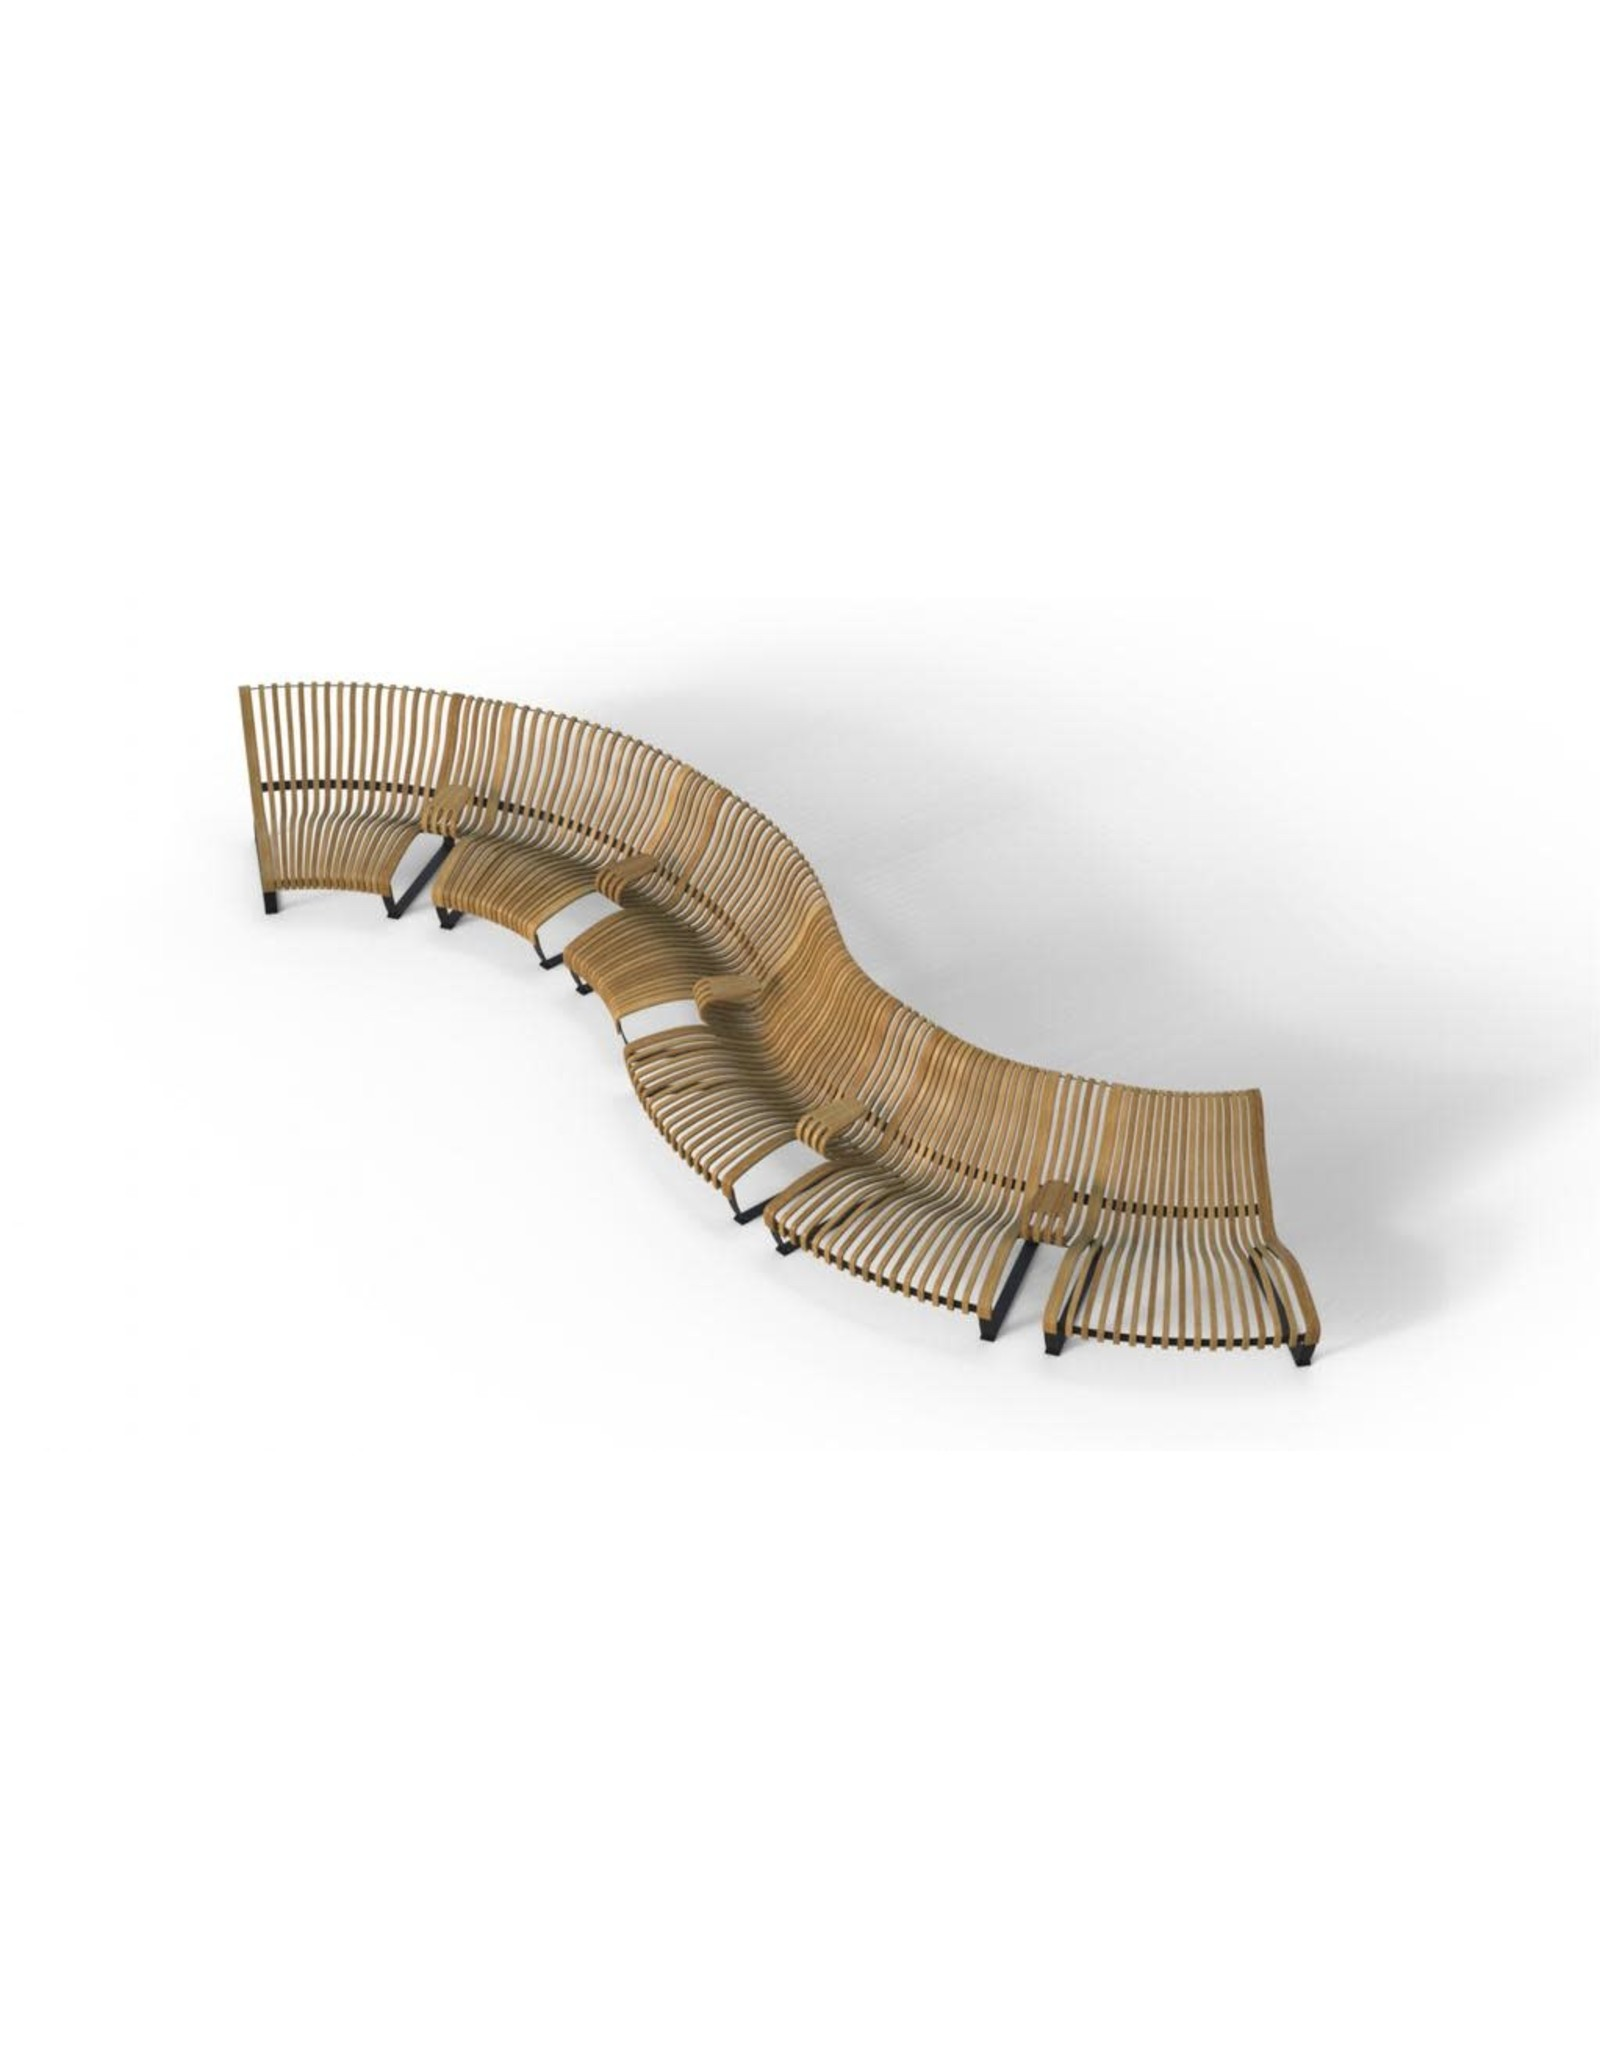 NOVA C NOVA C RECLINER 2 SEATS BENCH